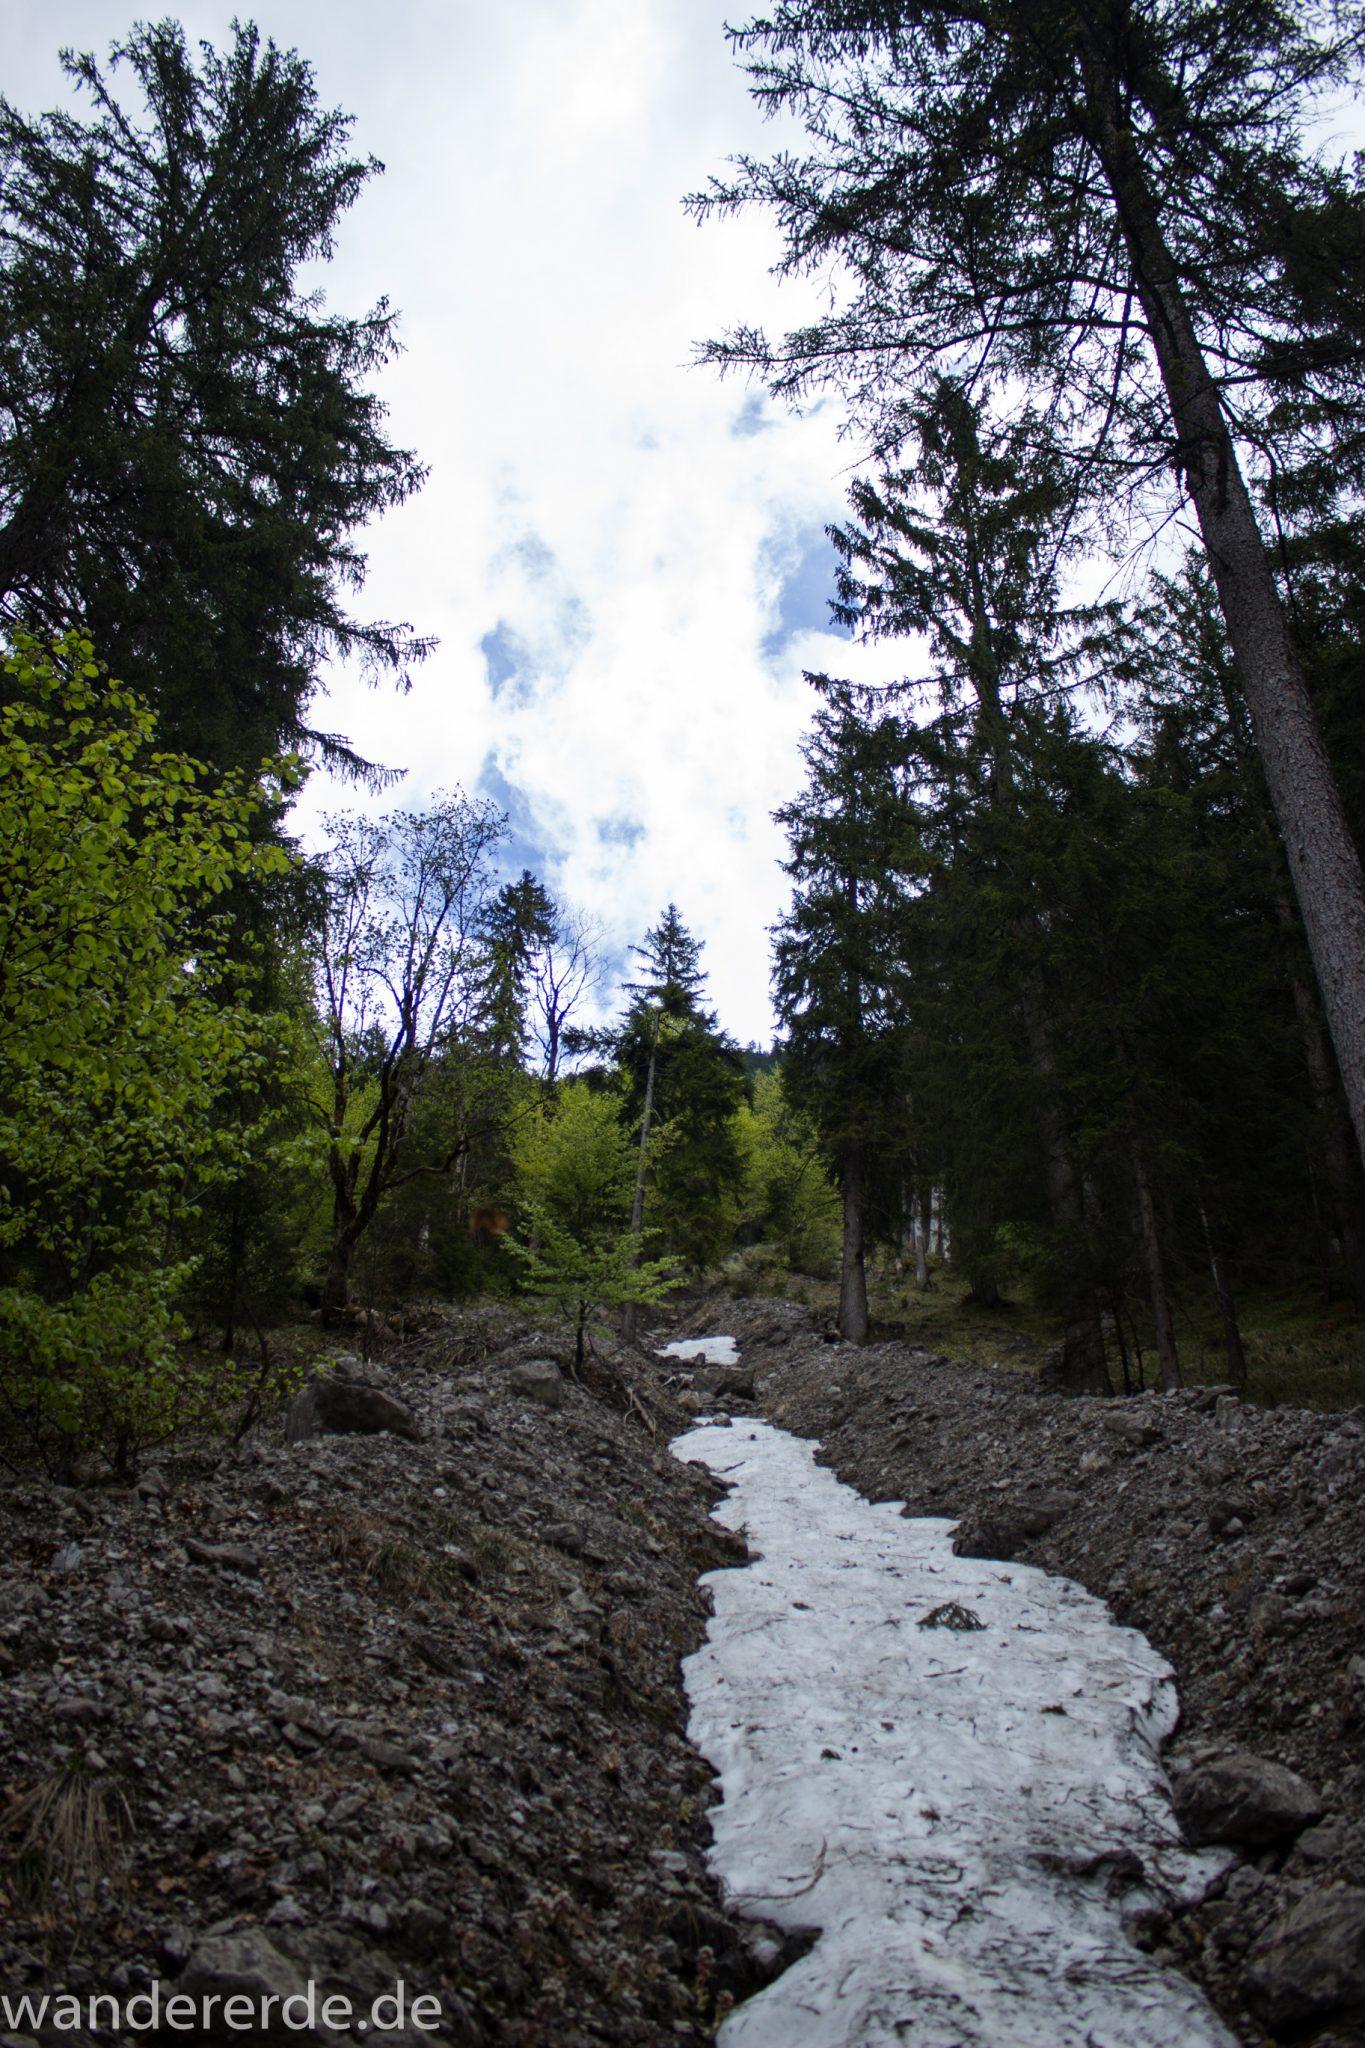 Wanderung Oberstdorf nach Gerstruben im Allgäu, Bayern, Wanderweg Rautweg führt durch schönen dichten Wald, ziemlich steil, kaum noch Menschen begegnen uns, teilweise Schneefelder im Frühjahr in den Bergen, schöner sattgrüner und dichter Wald